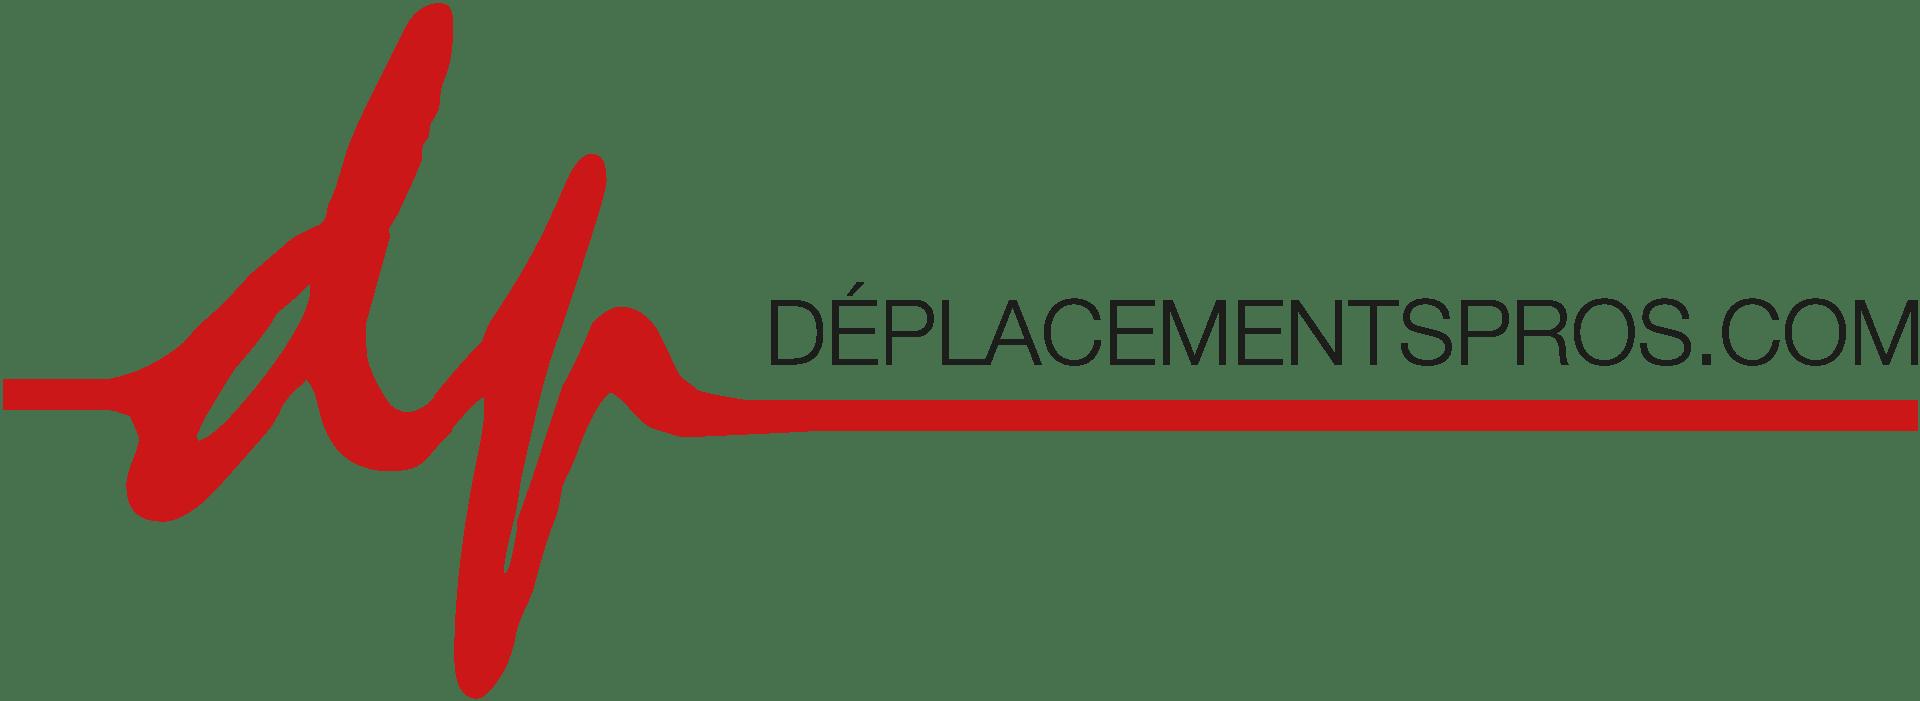 Déplacementpros.com